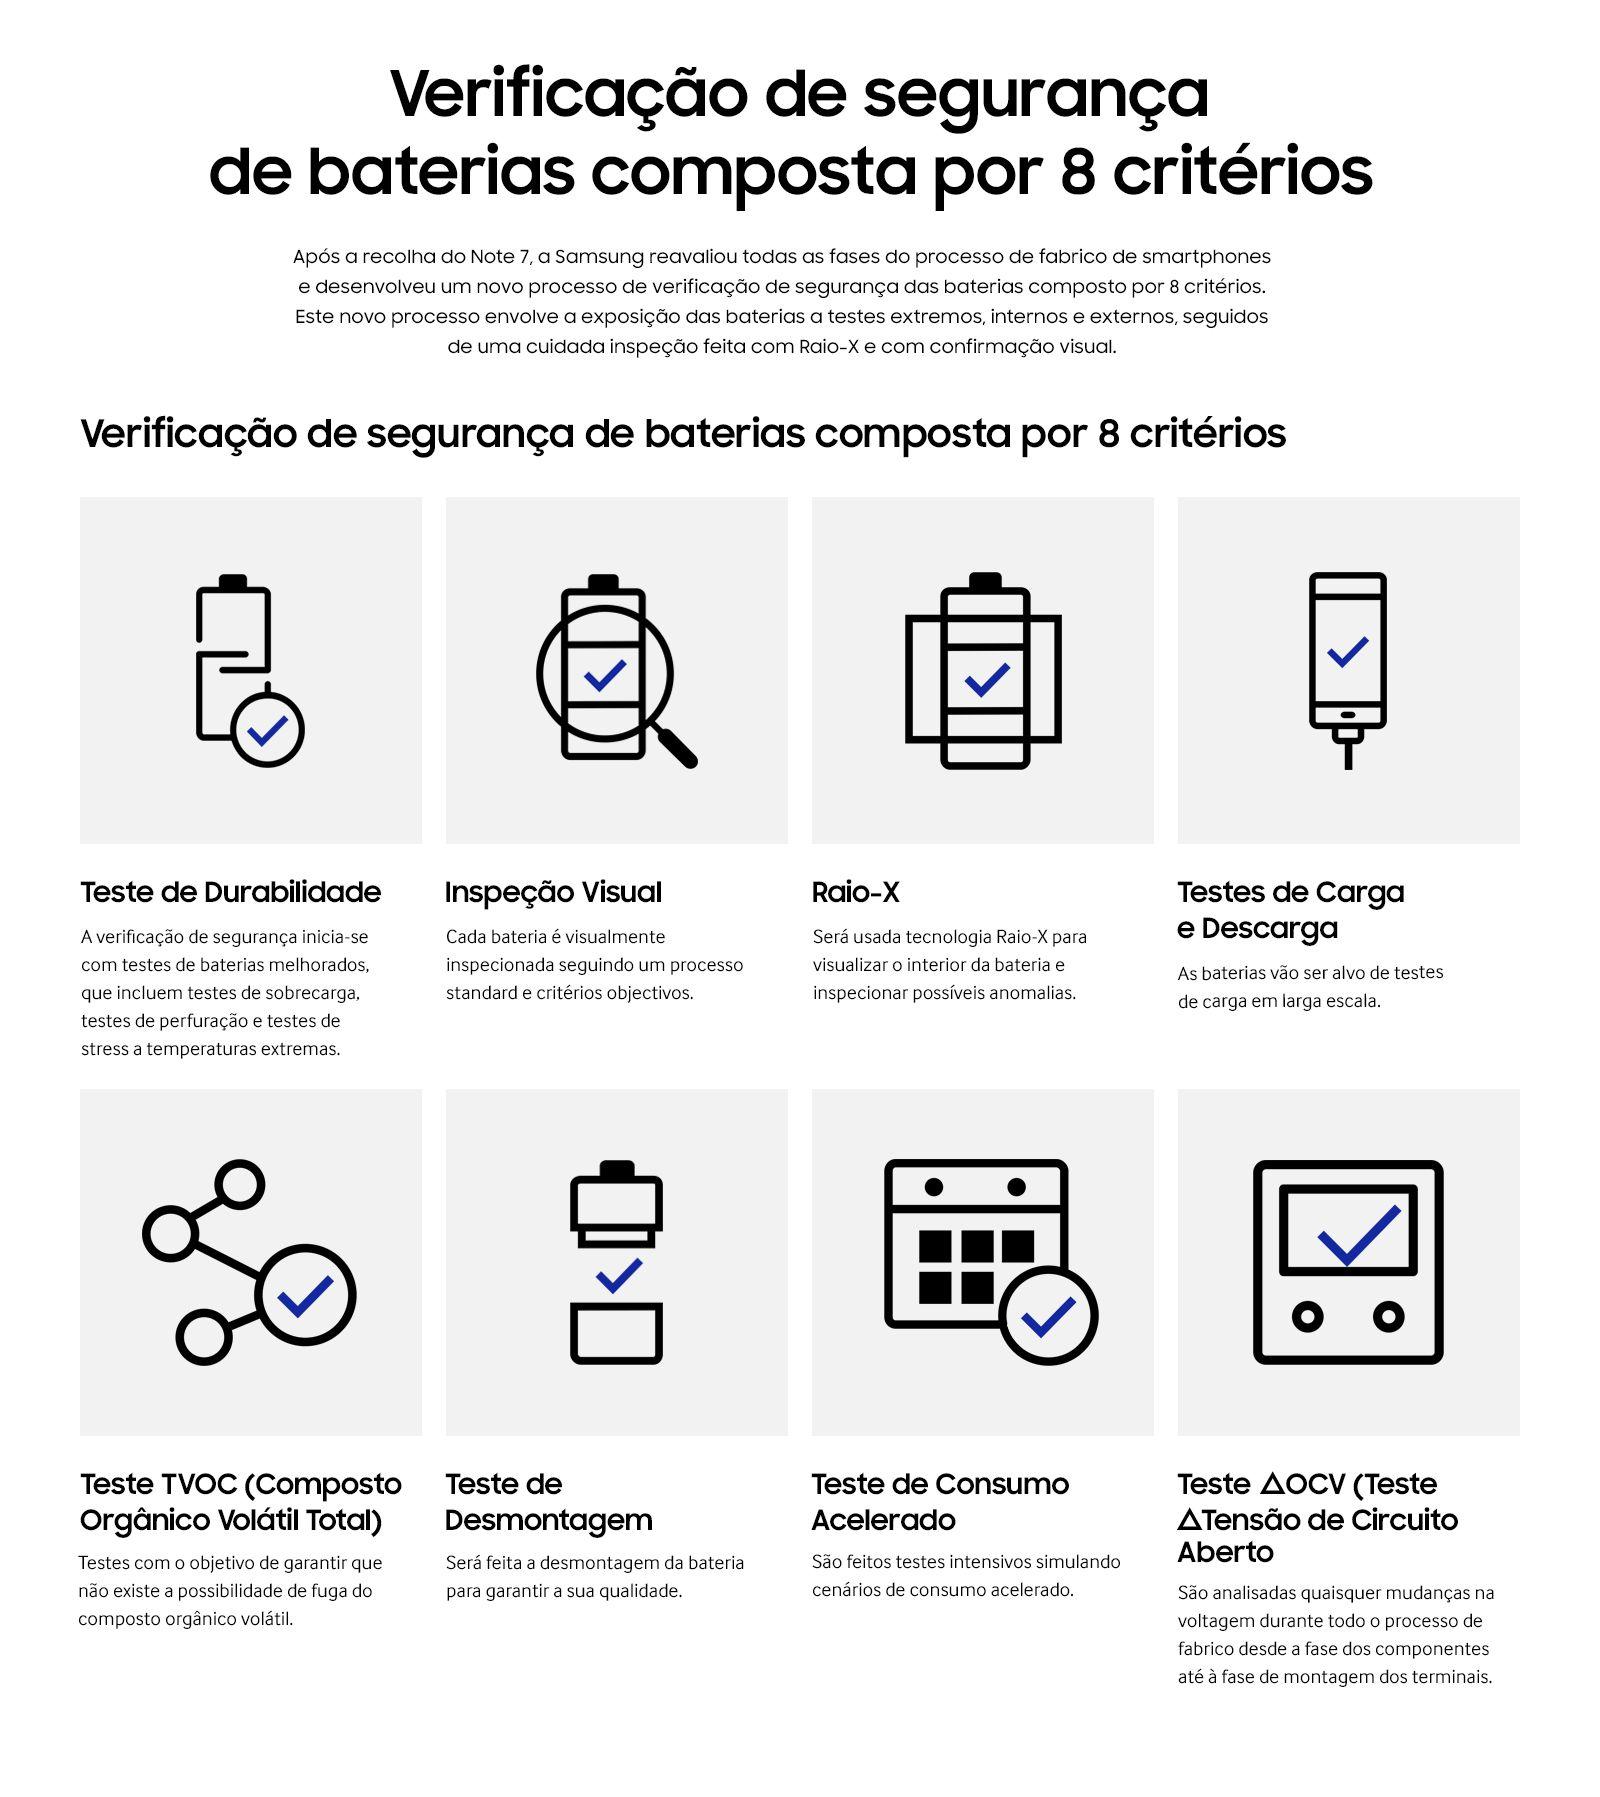 processo de verificação de segurança da Bateria, composto por 8 critérios